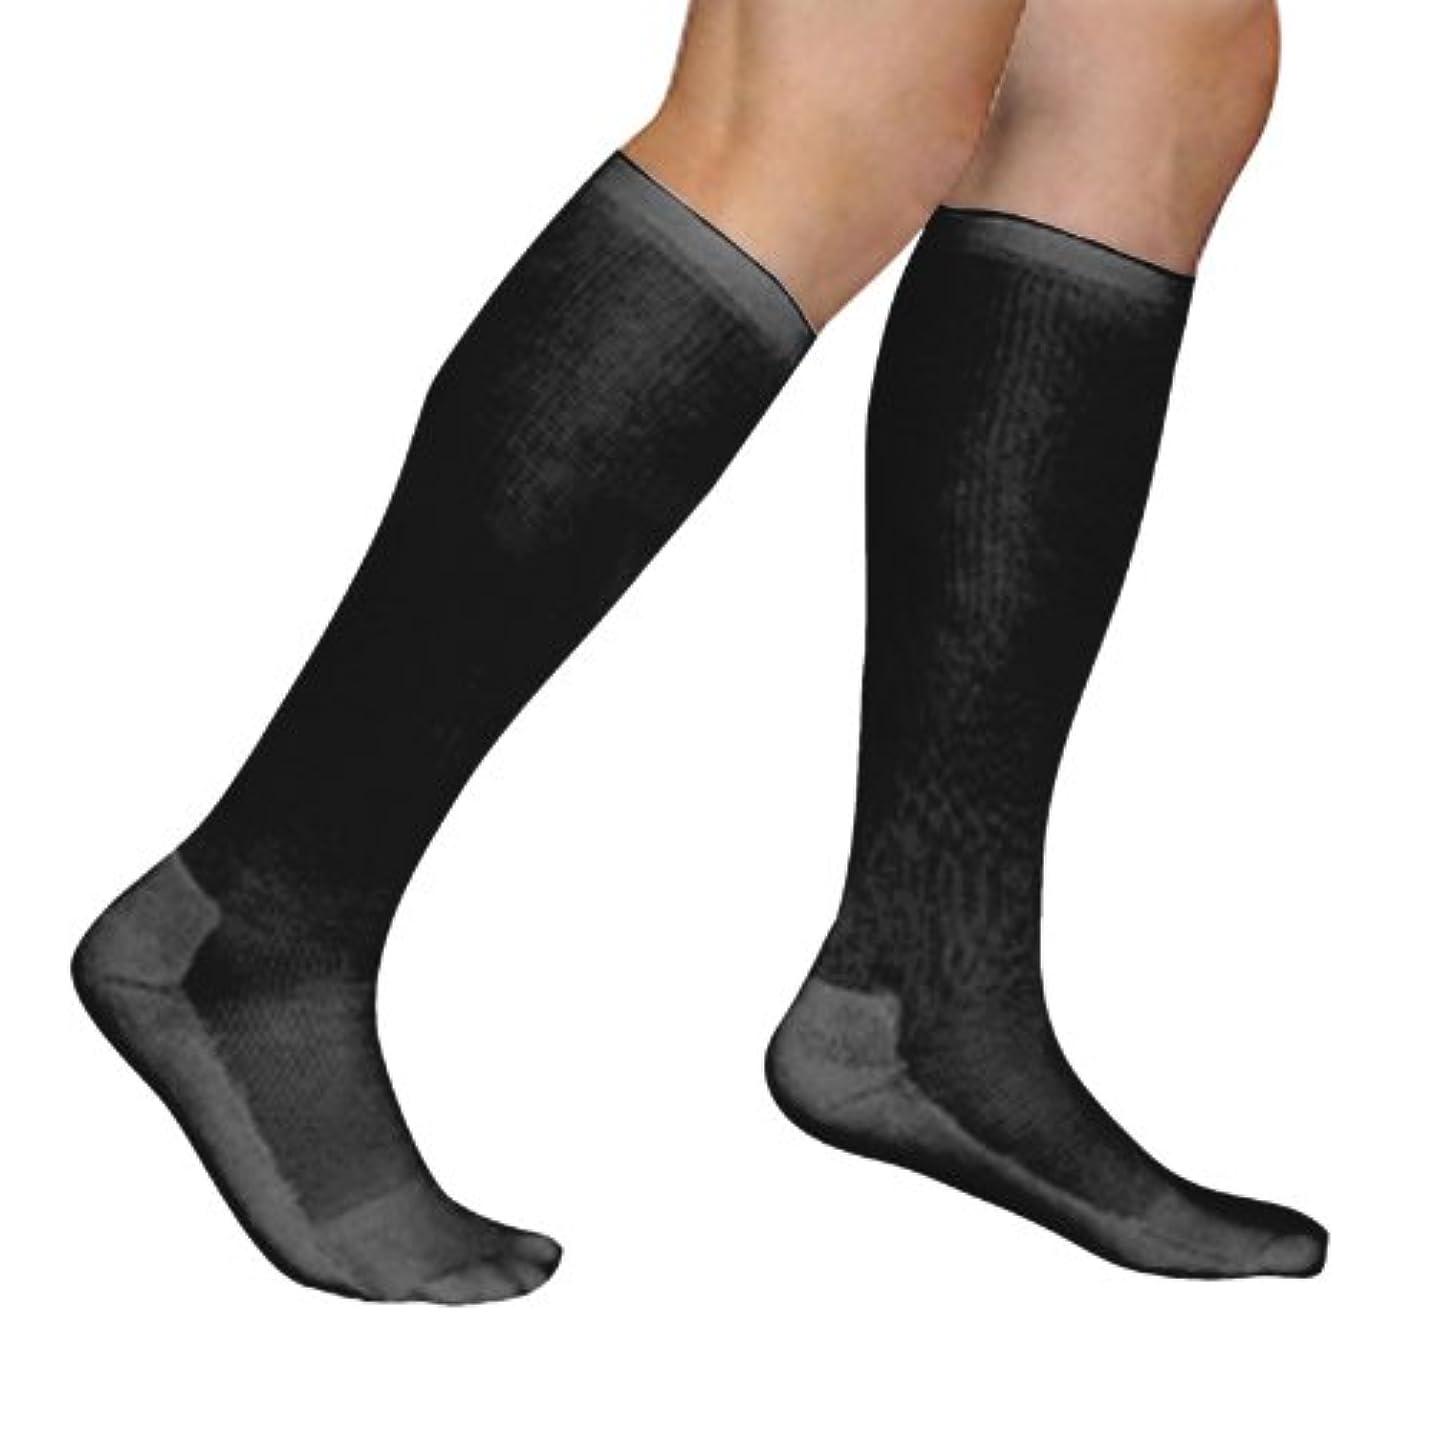 教シンクエピソードSigvaris Mens Cushioned Cotton Support Therapy Socks 15-20mmHg : Size A Black by Sigvaris